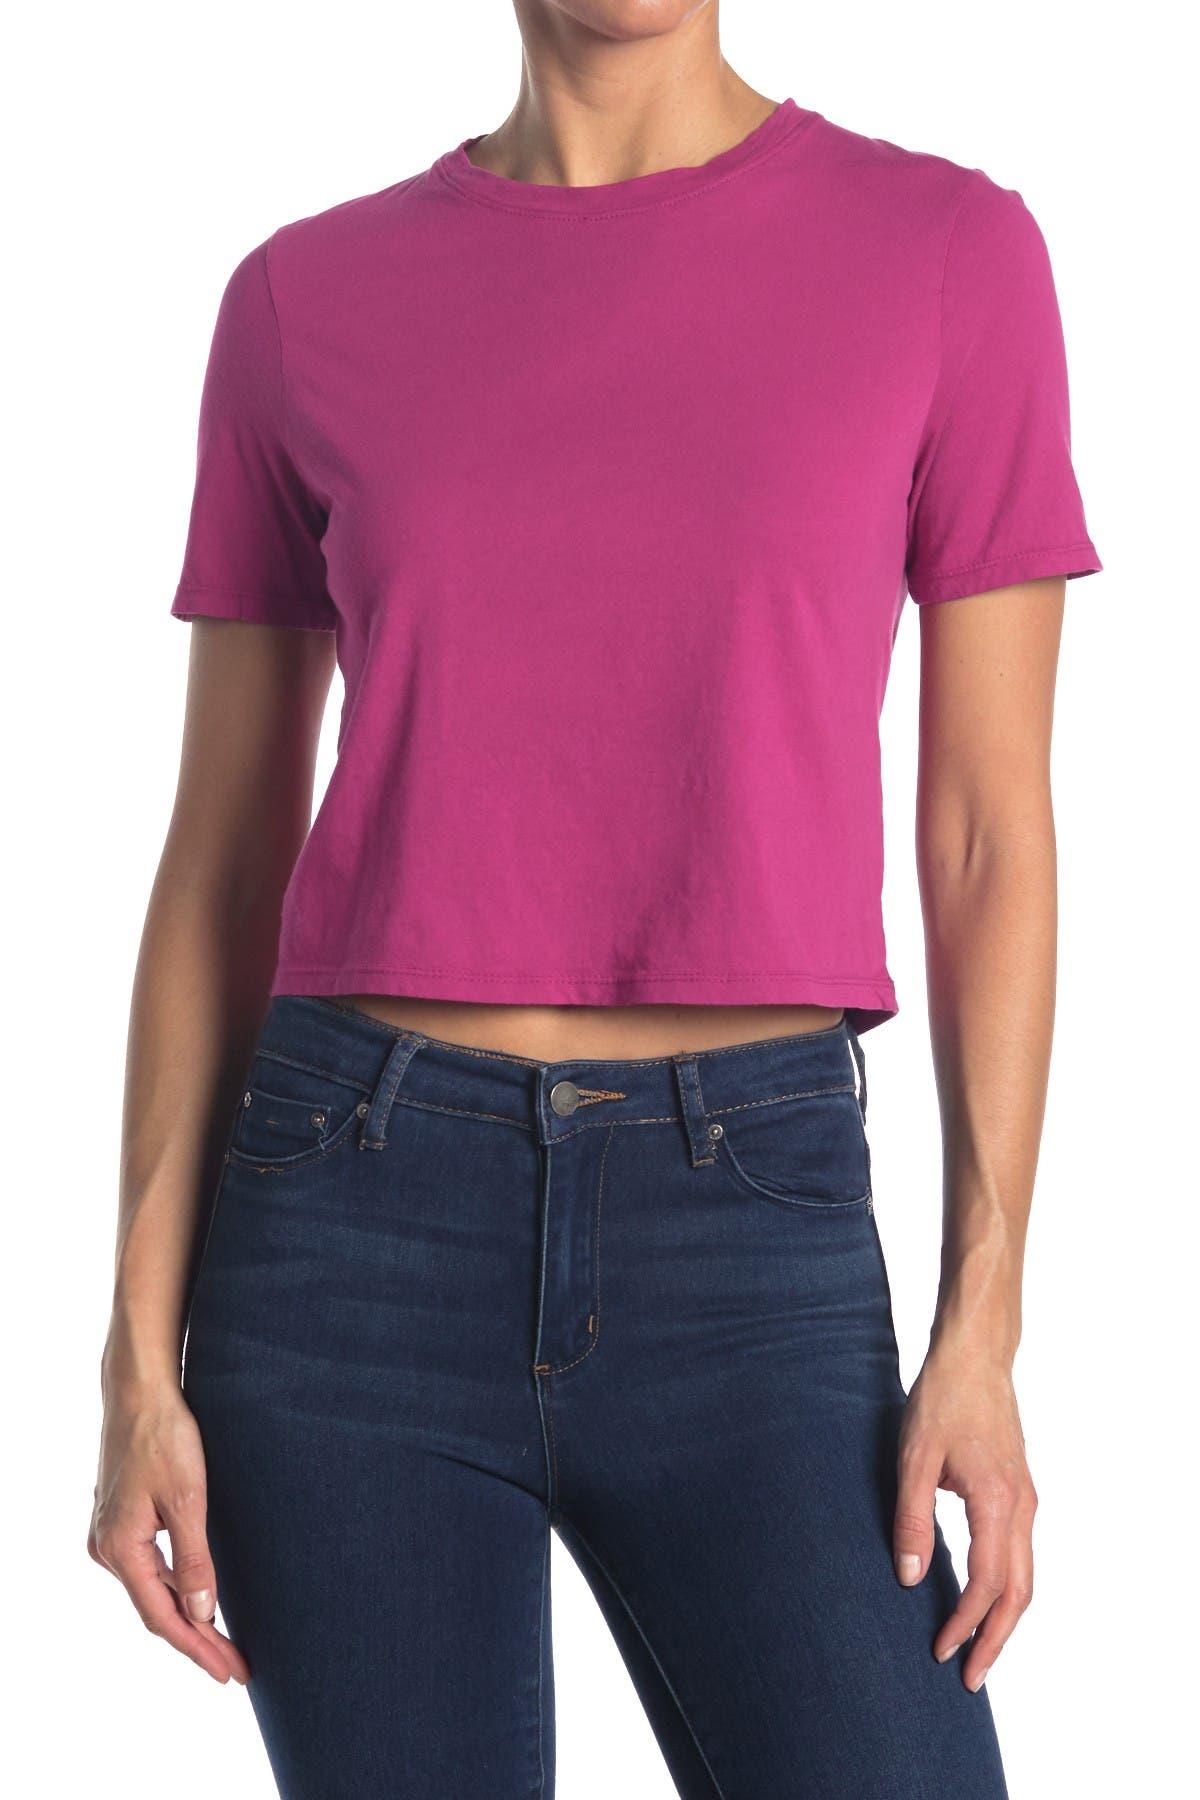 Image of ETICA Zoe Crop T-Shirt